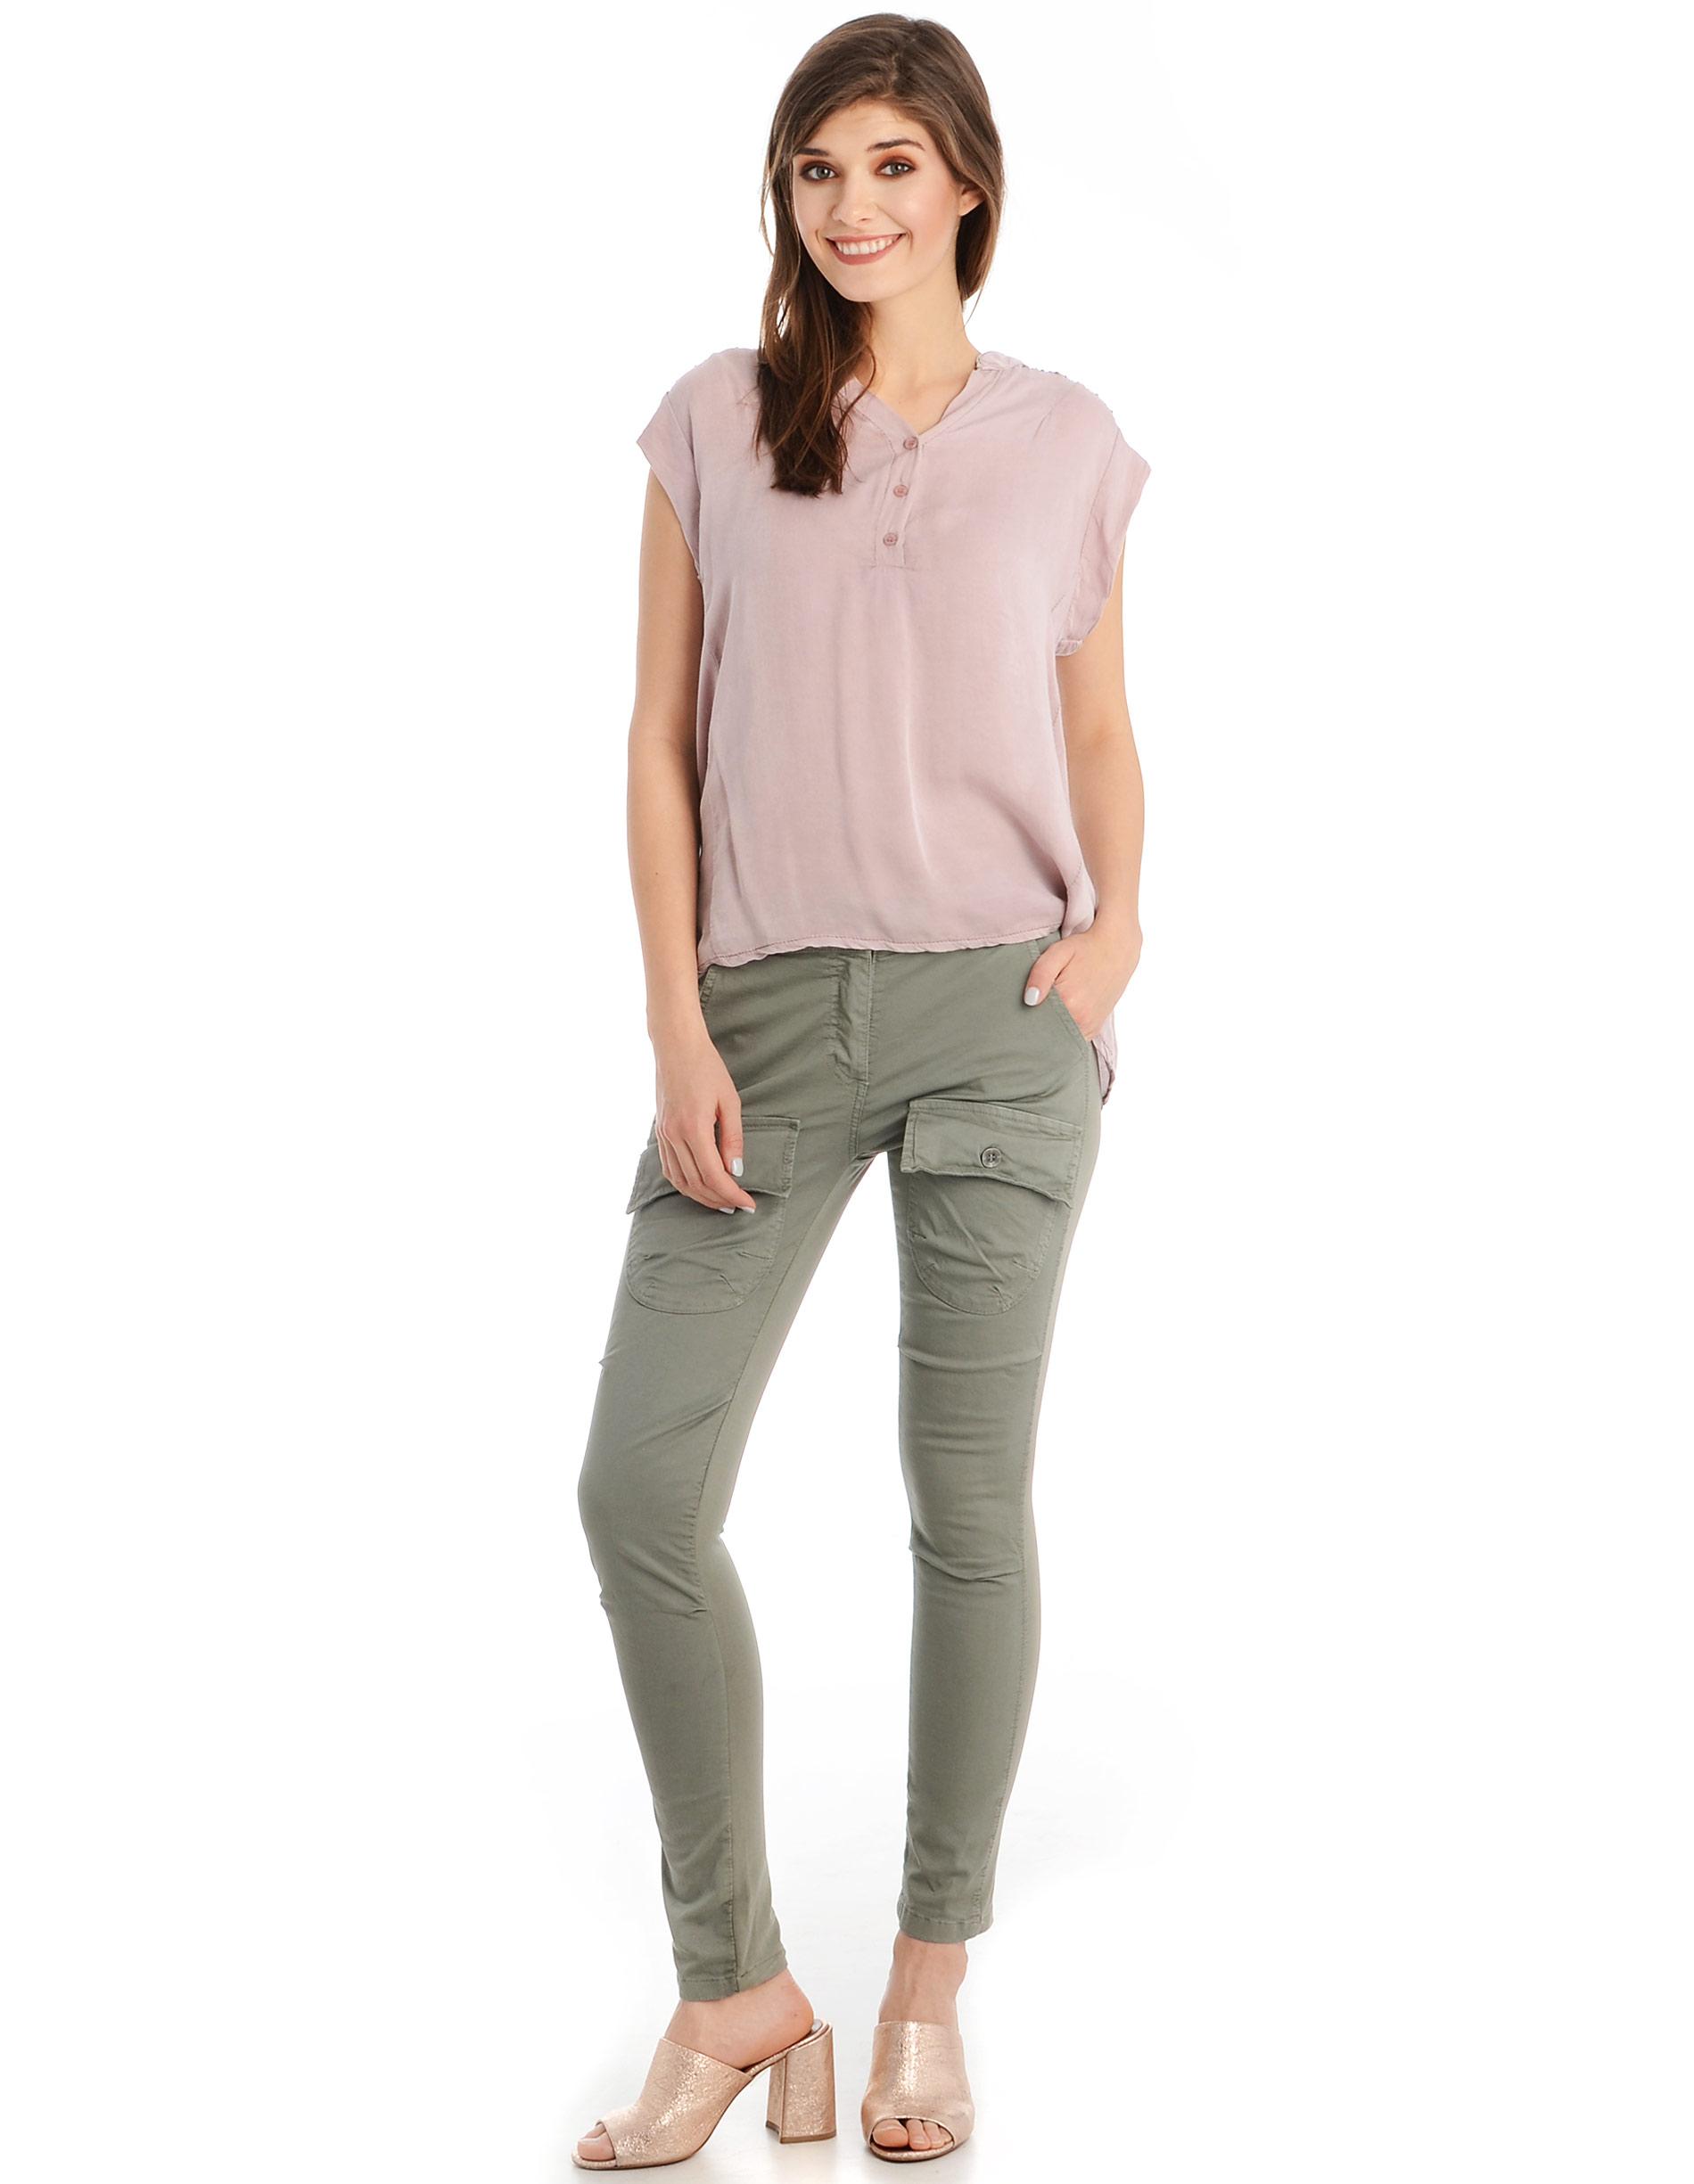 Spodnie - 49-3915 MIW17 - Unisono